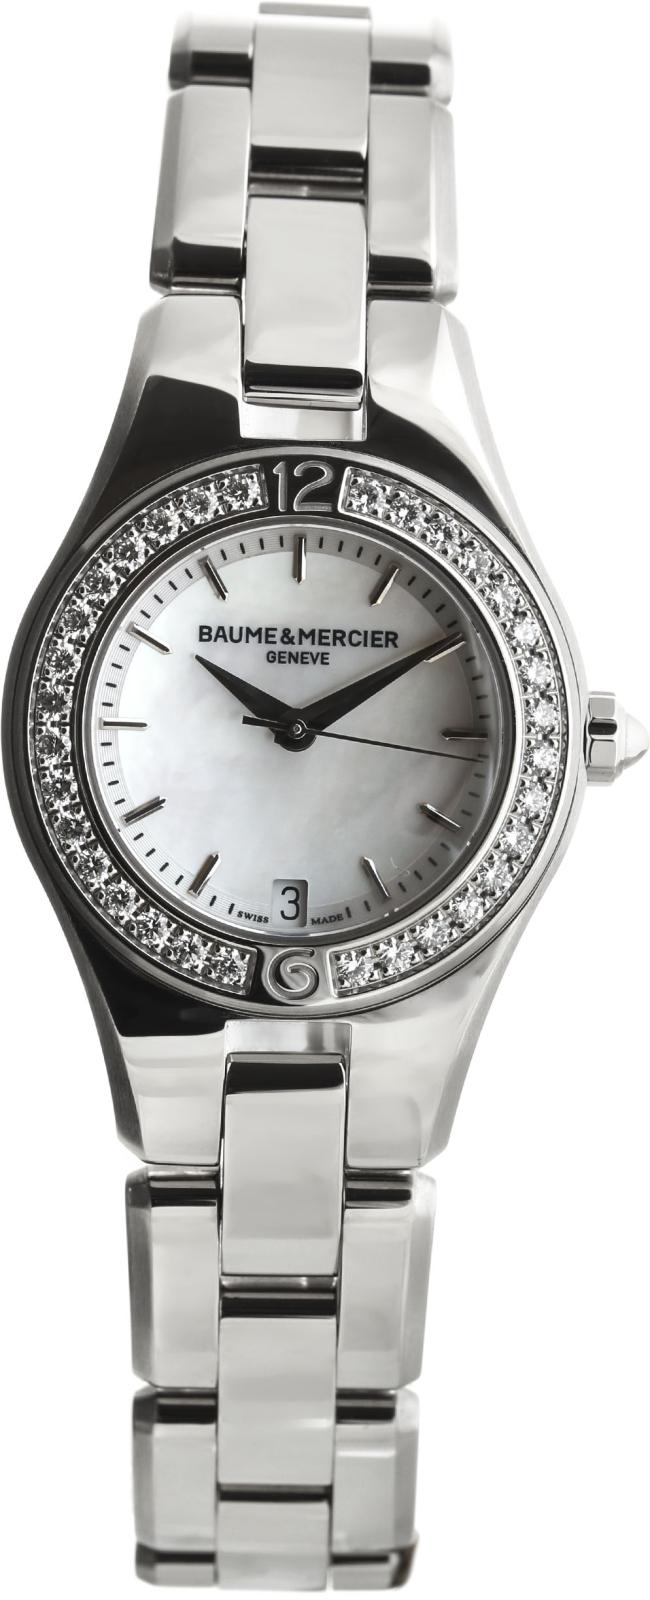 Baume&amp;Mercier Linea MOA10013Наручные часы<br>Швейцарские часы Baume&amp;amp;Mercier Linea MOA10013Представленная модель входит в коллекцию Linea. Это модные Женские часы. Материал корпуса часов &amp;mdash; Сталь. Браслет &amp;mdash; Сталь. Циферблат часов защищает Сапфировое стекло. Часы выдерживают давление на глубине 50 м. Цвет циферблата - Белый. Размер данной модели 27мм. Блеск модели придаёт наличие бриллиантов.<br><br>Пол: Женские<br>Страна-производитель: Швейцария<br>Механизм: Кварцевый<br>Материал корпуса: Сталь<br>Материал ремня/браслета: Сталь<br>Водозащита, диапазон: 20 - 100 м<br>Стекло: Сапфировое<br>Толщина корпуса: None<br>Стиль: Классика